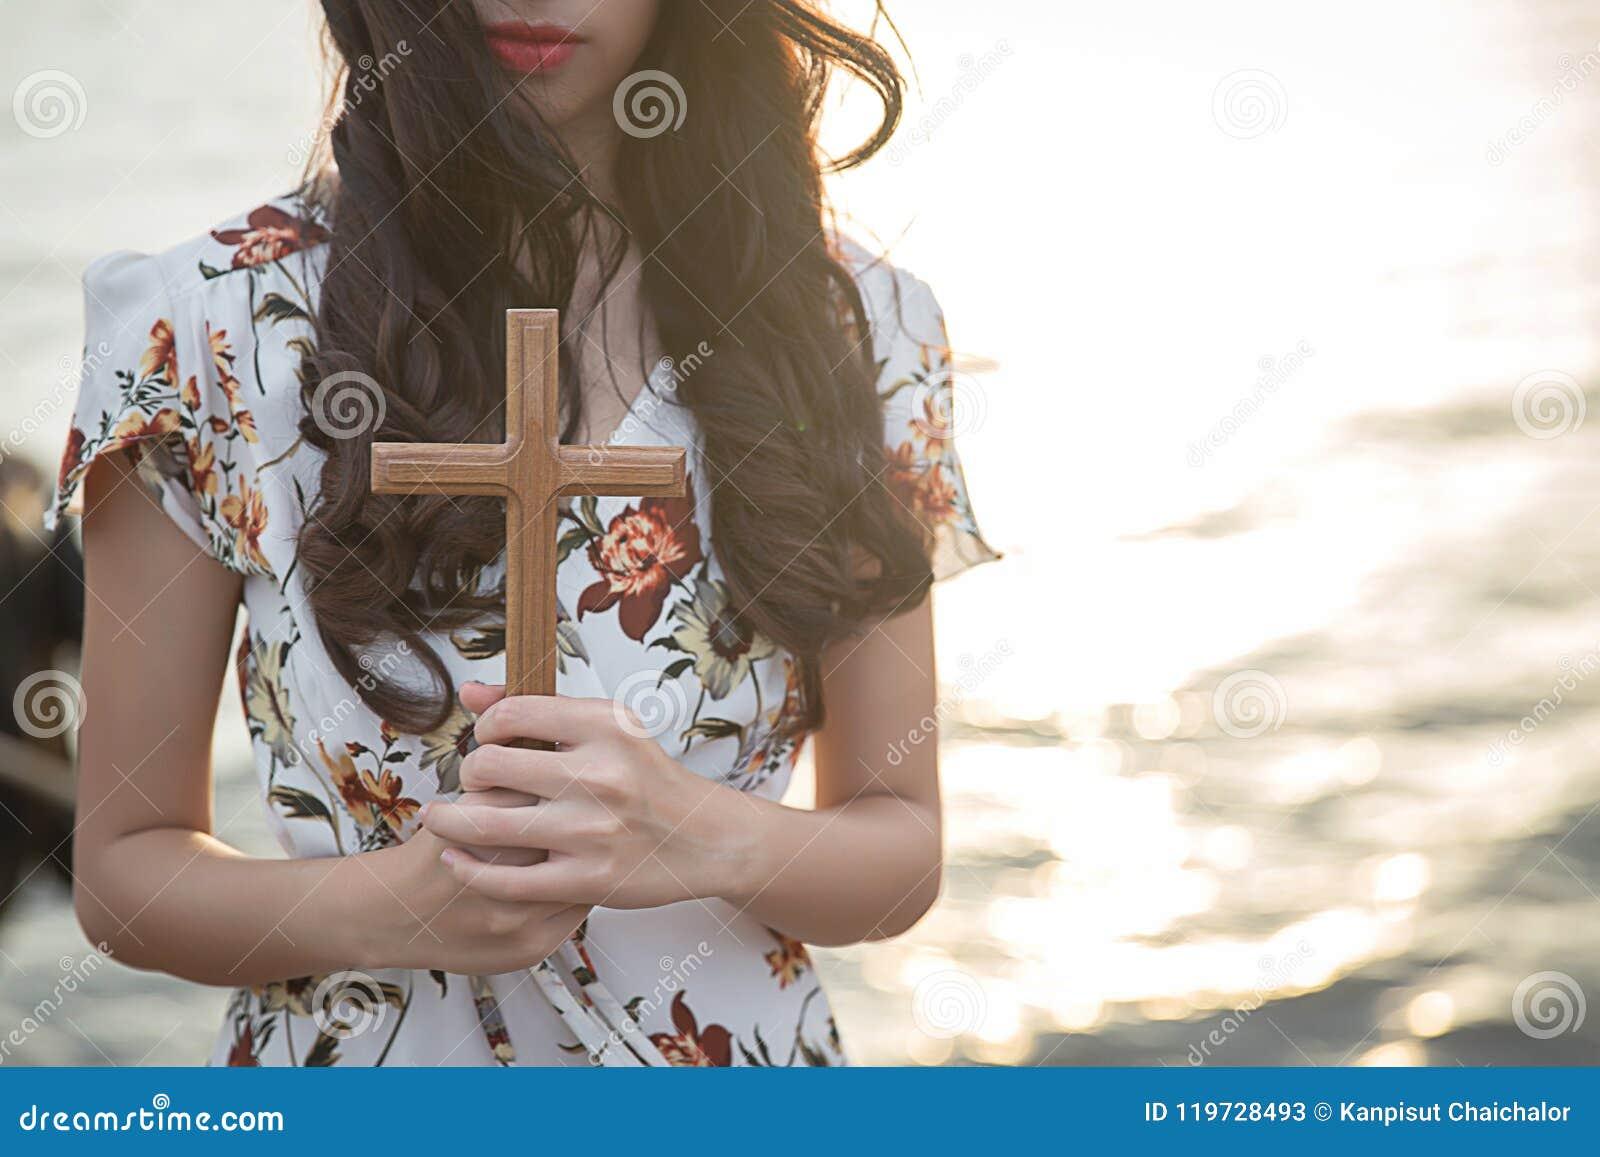 Человеческая ладонь вручает действие как молит для того чтобы поклониться символ для поклонения к христианству Иисуса Христоса